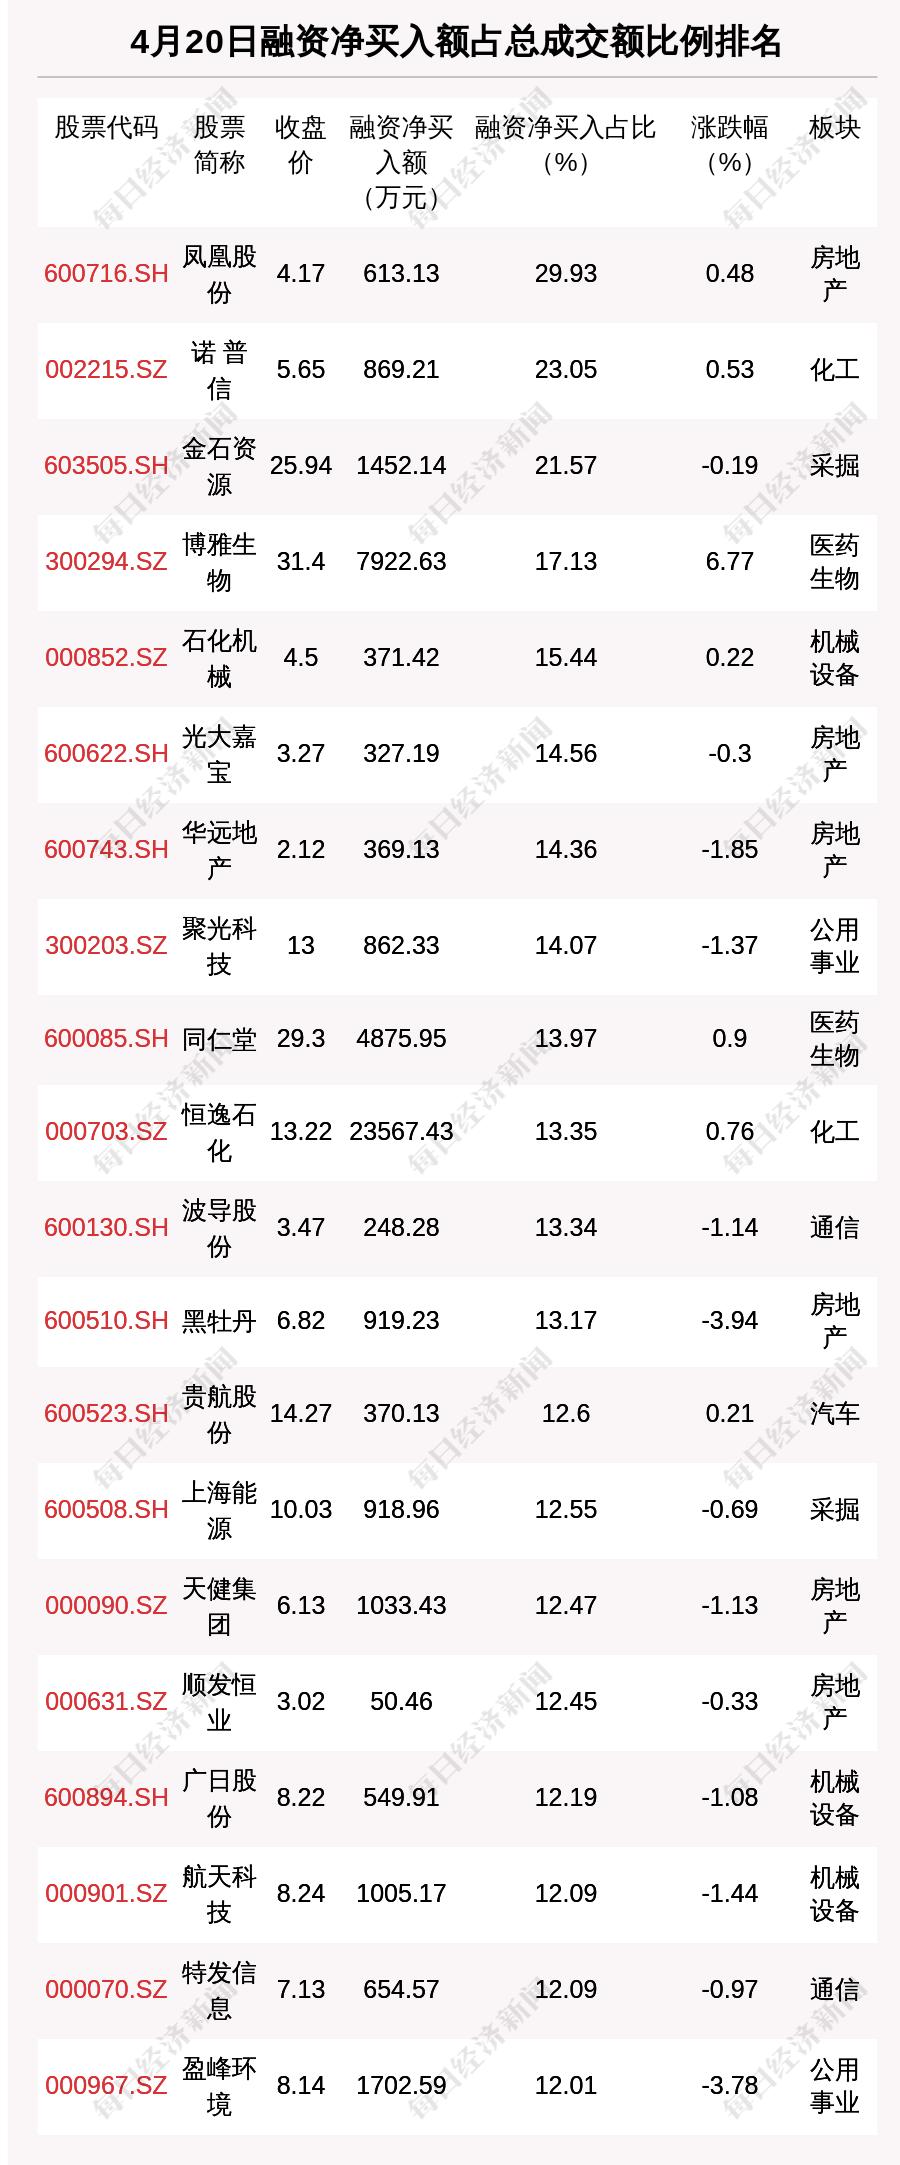 【如何办理网上股票开户】4月20日融资余额15157.75亿元,环比增加24.17亿元